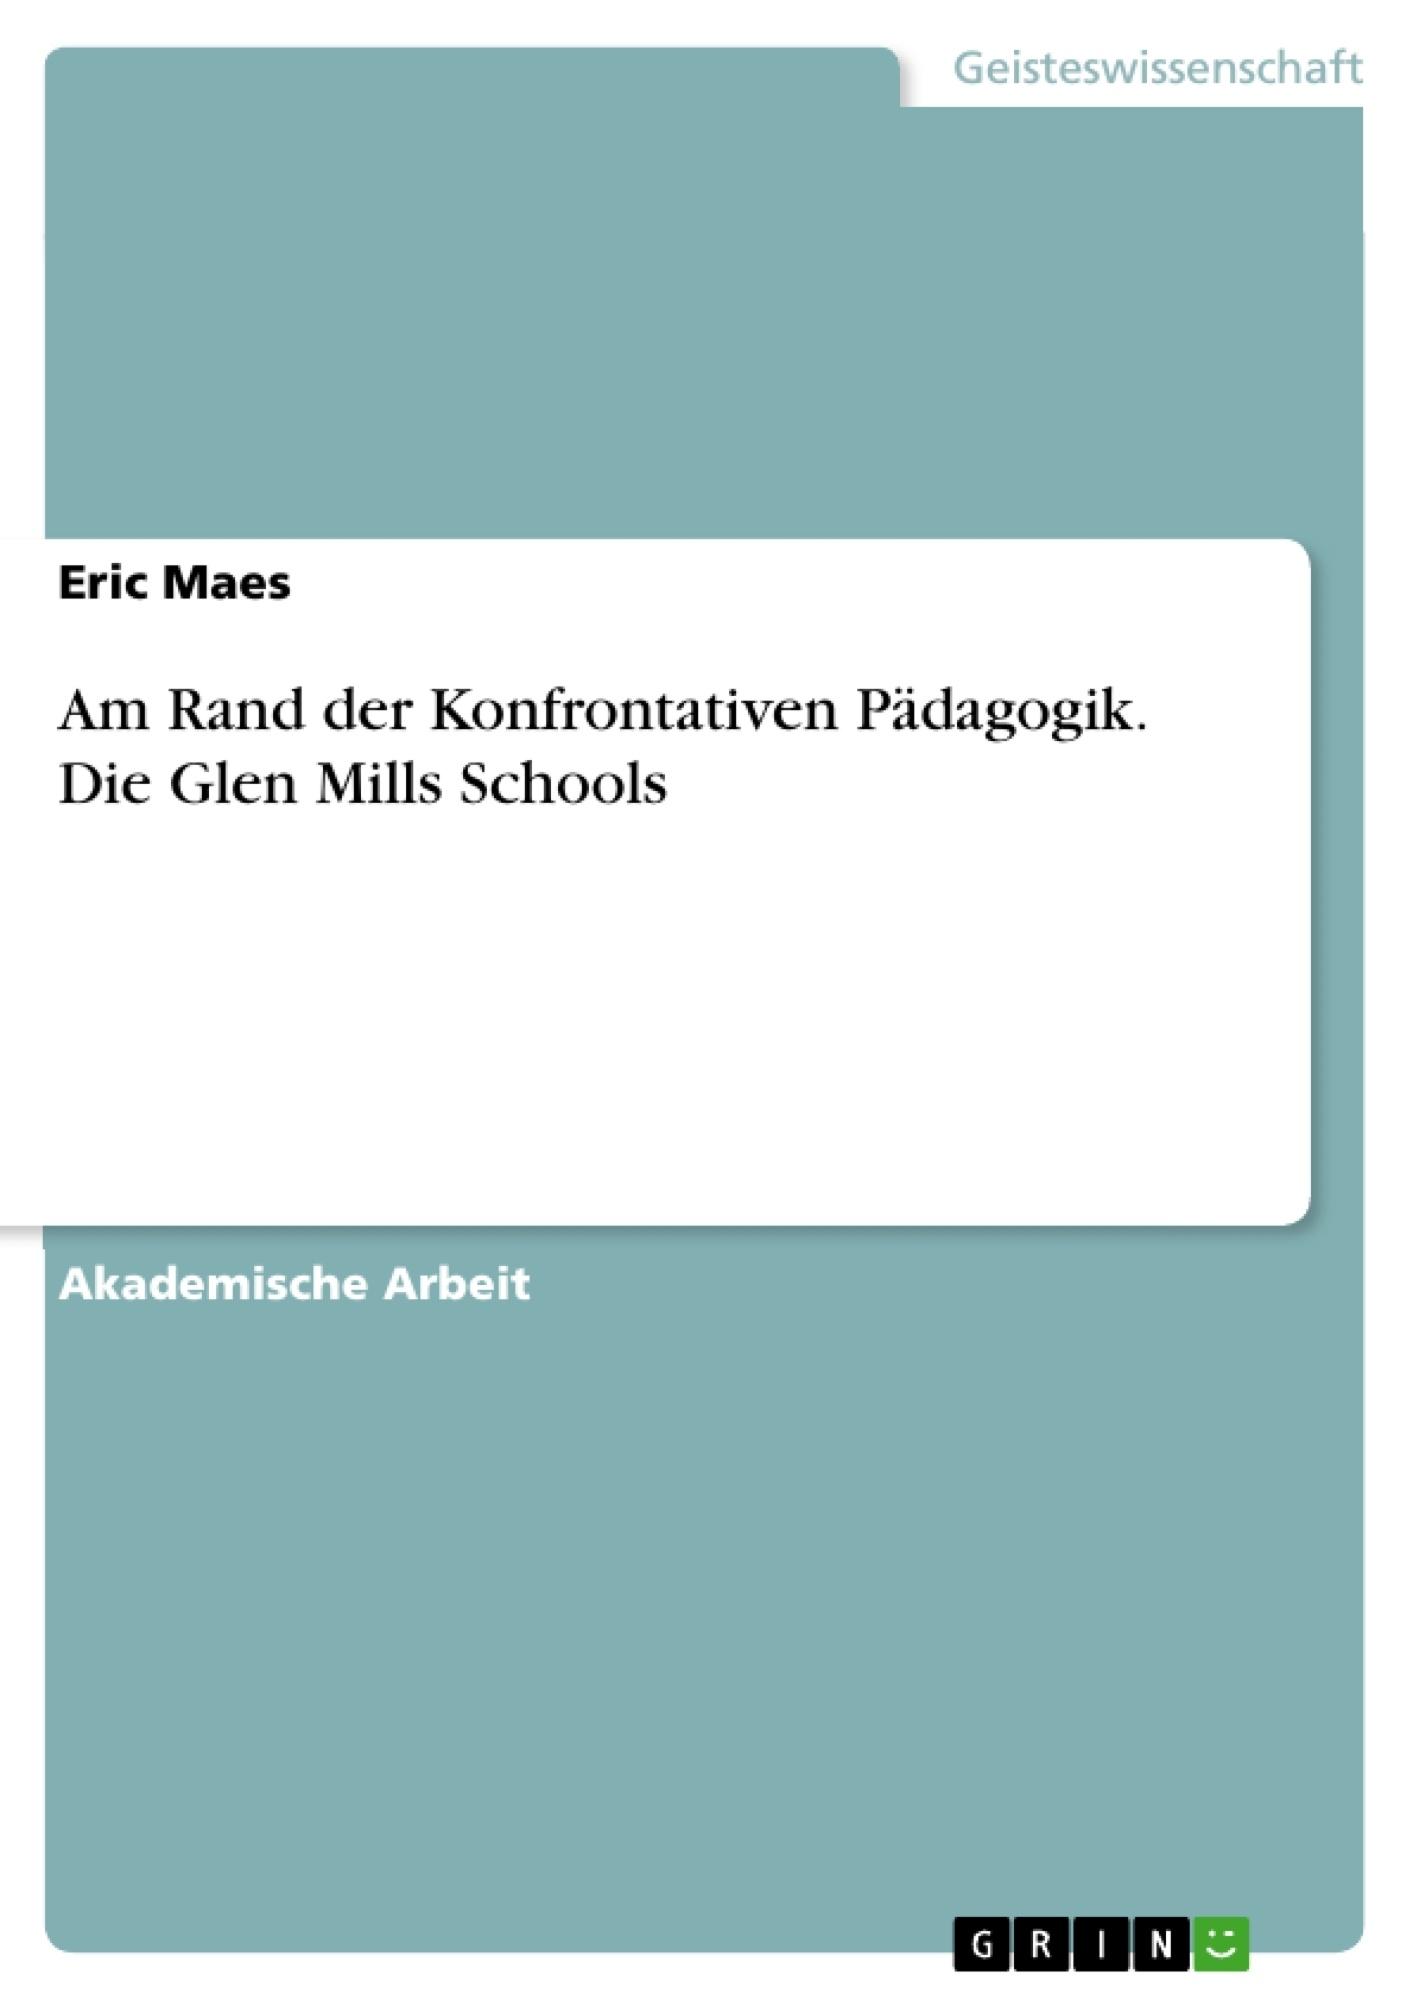 Titel: Am Rand der Konfrontativen Pädagogik. Die Glen Mills Schools